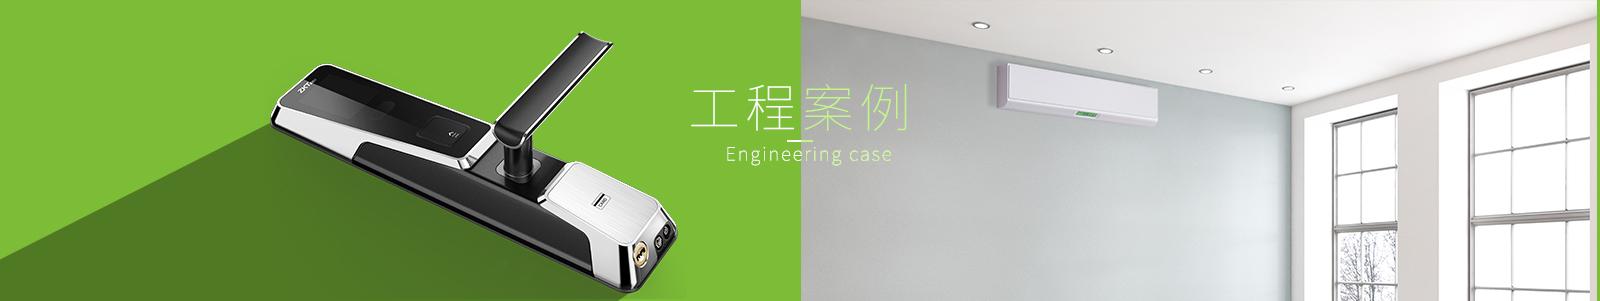 中安乐客人脸识别智能锁专业制造商